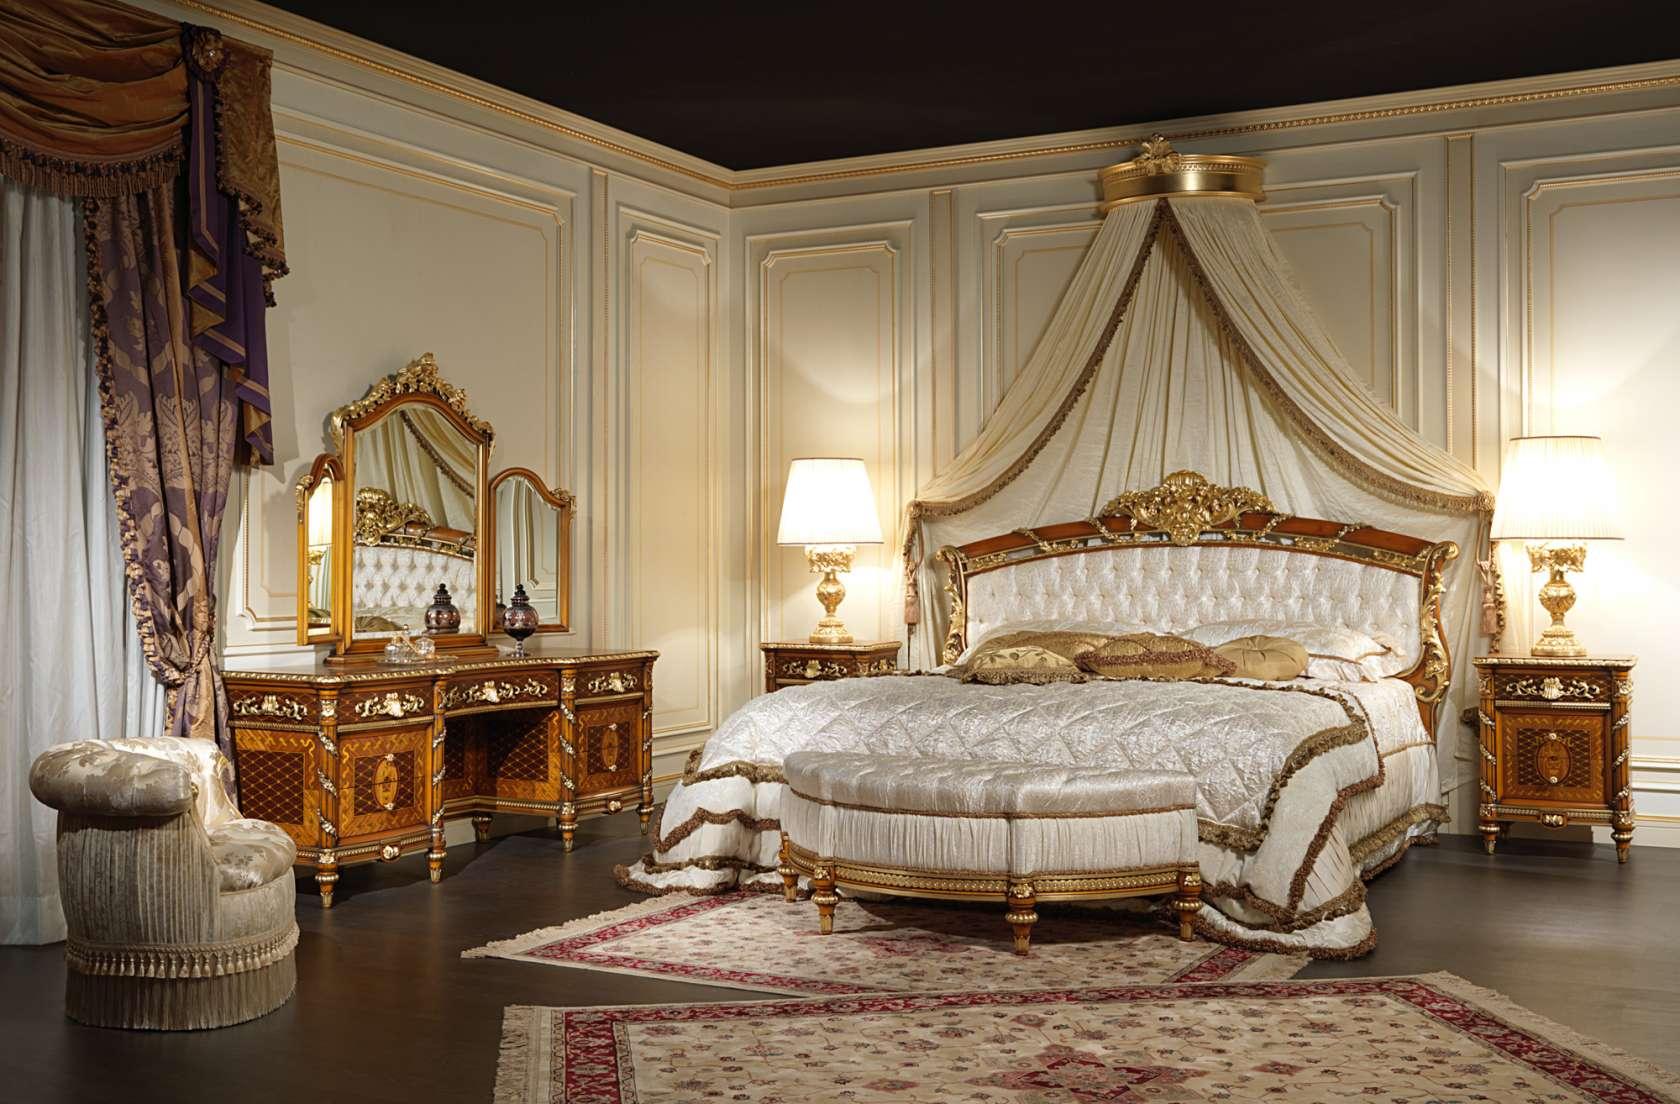 Camere Da Letto Arredate Vintage : Double bed in walnut art vimercati meda